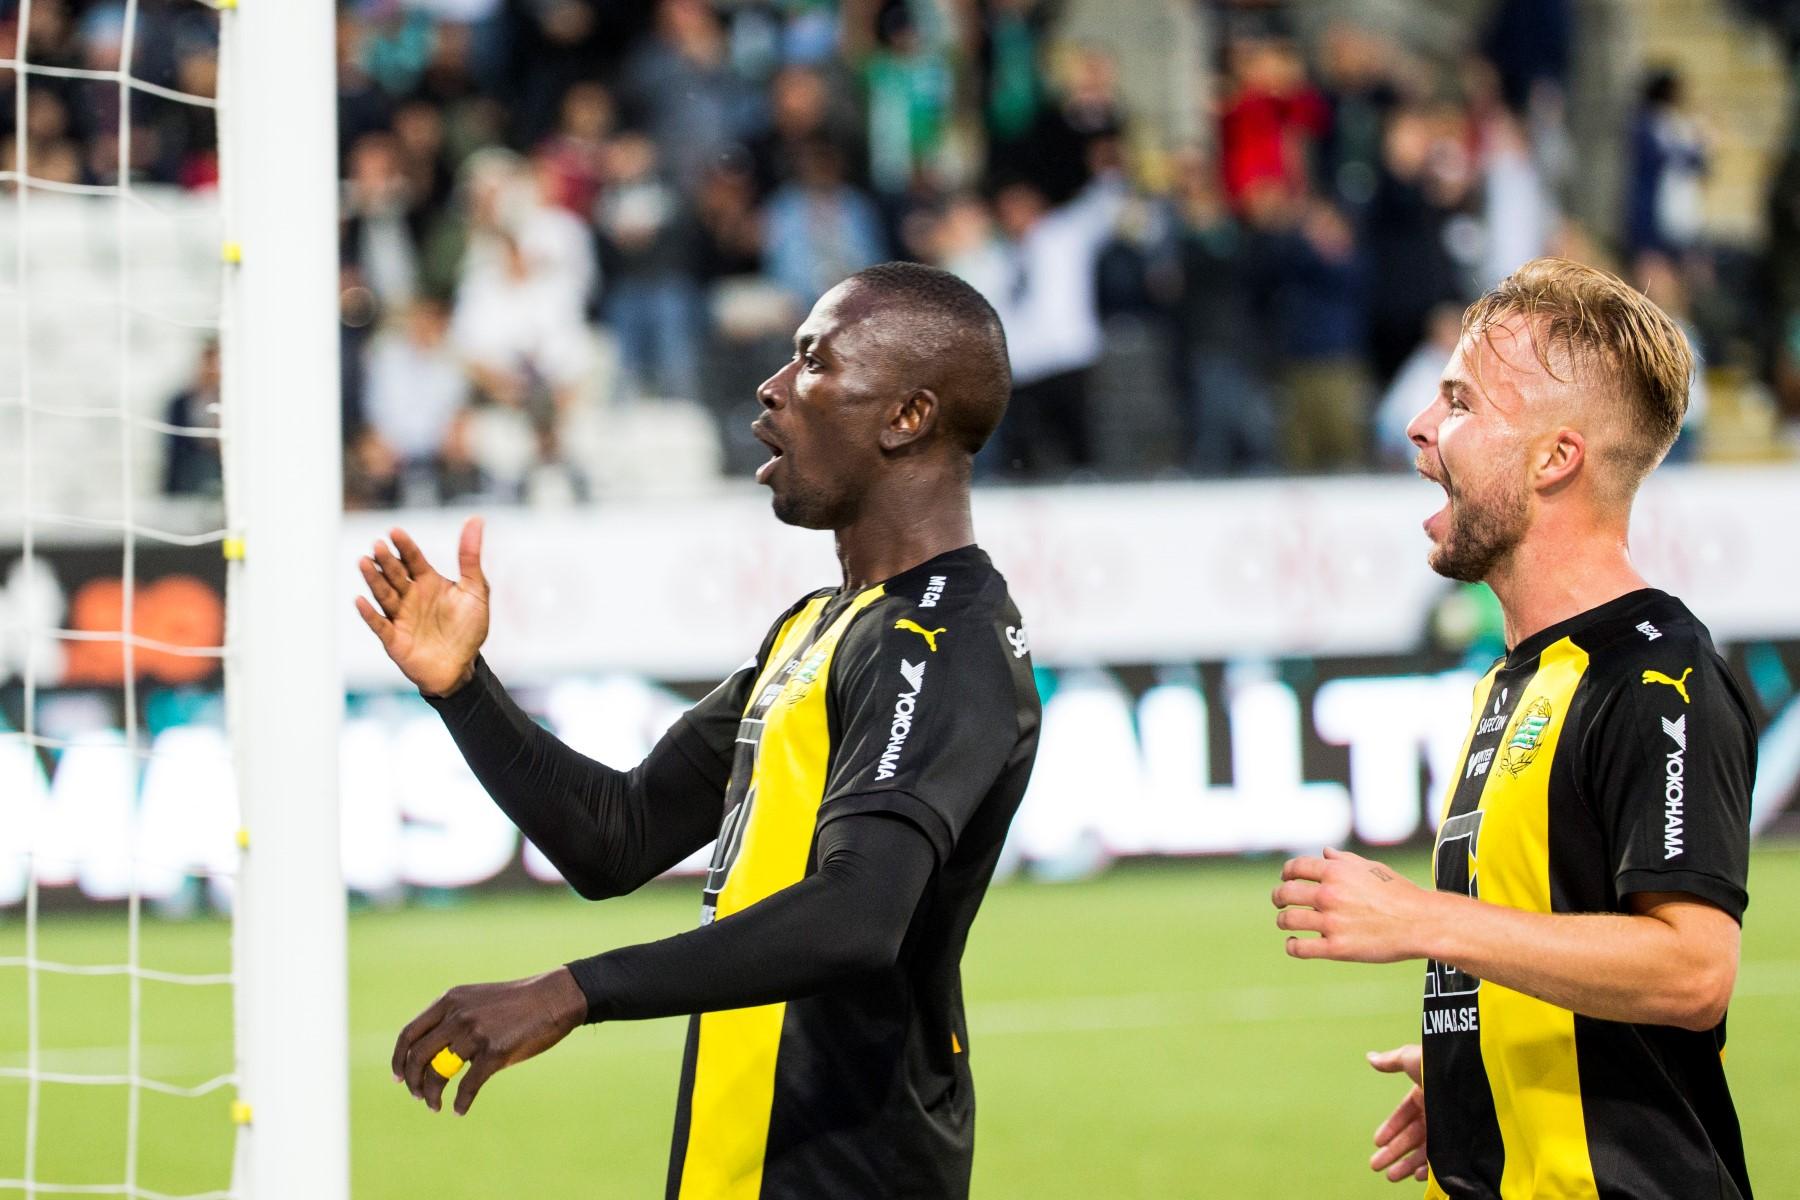 Fotboll, Allsvenskan, Örebro - Hammarby